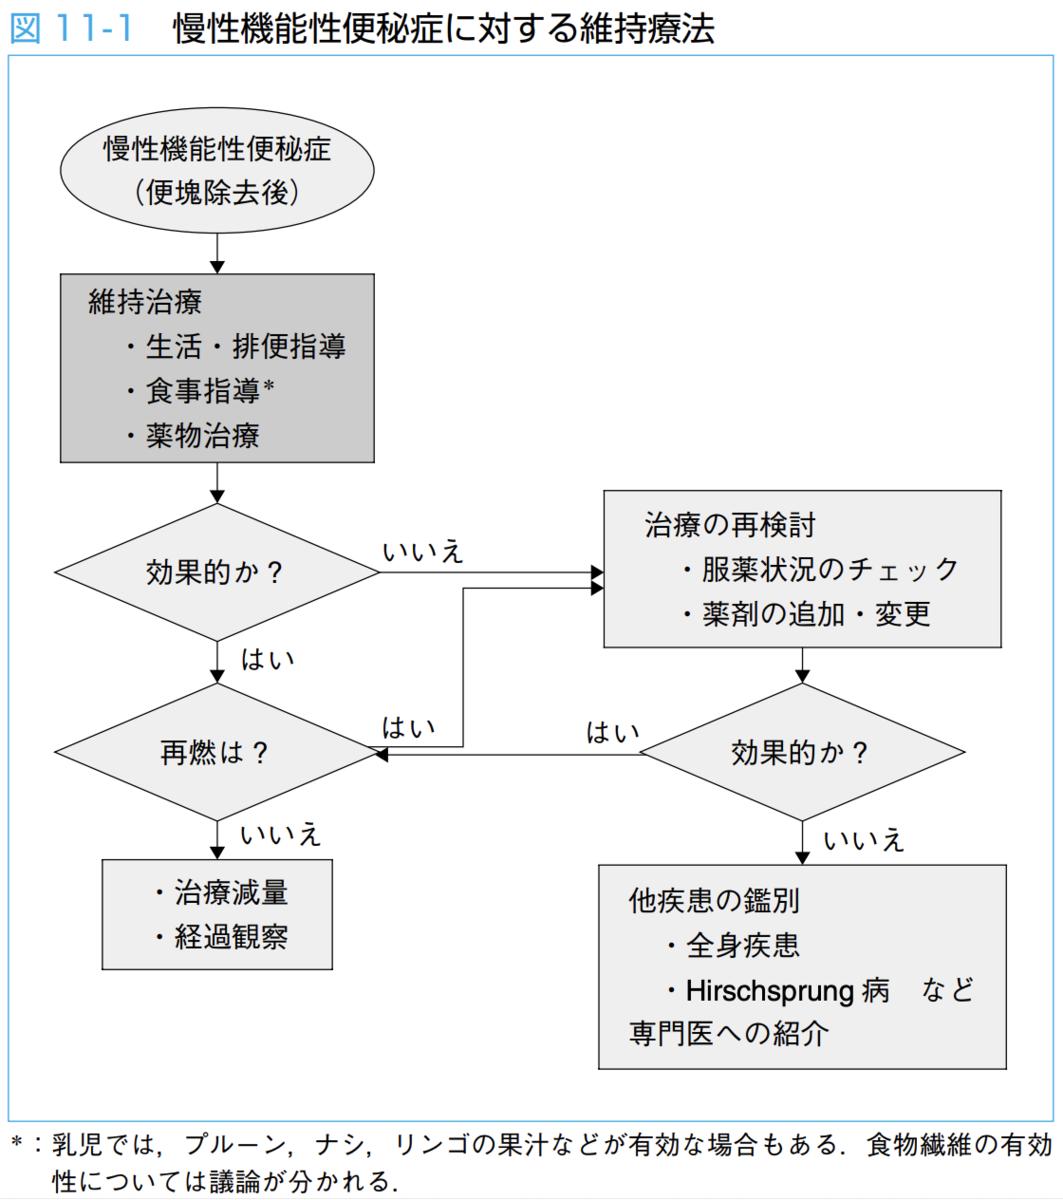 f:id:shounikaiakira:20190728182426p:plain